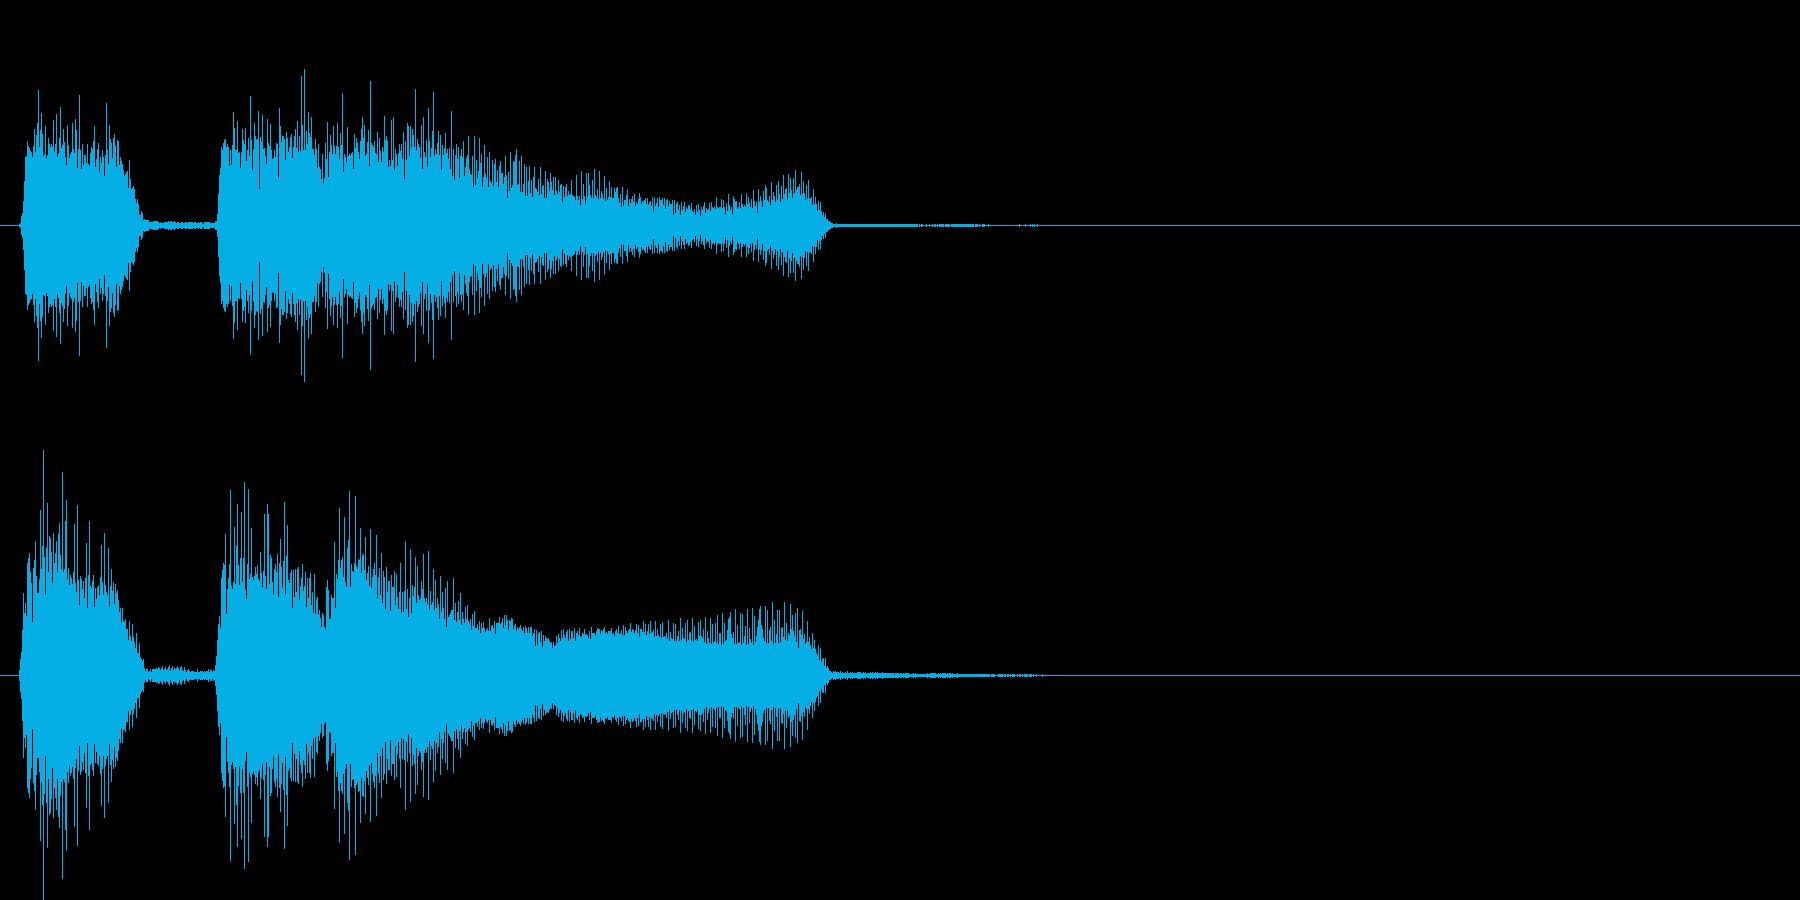 テッテレー(成功時のファンファーレ)の再生済みの波形